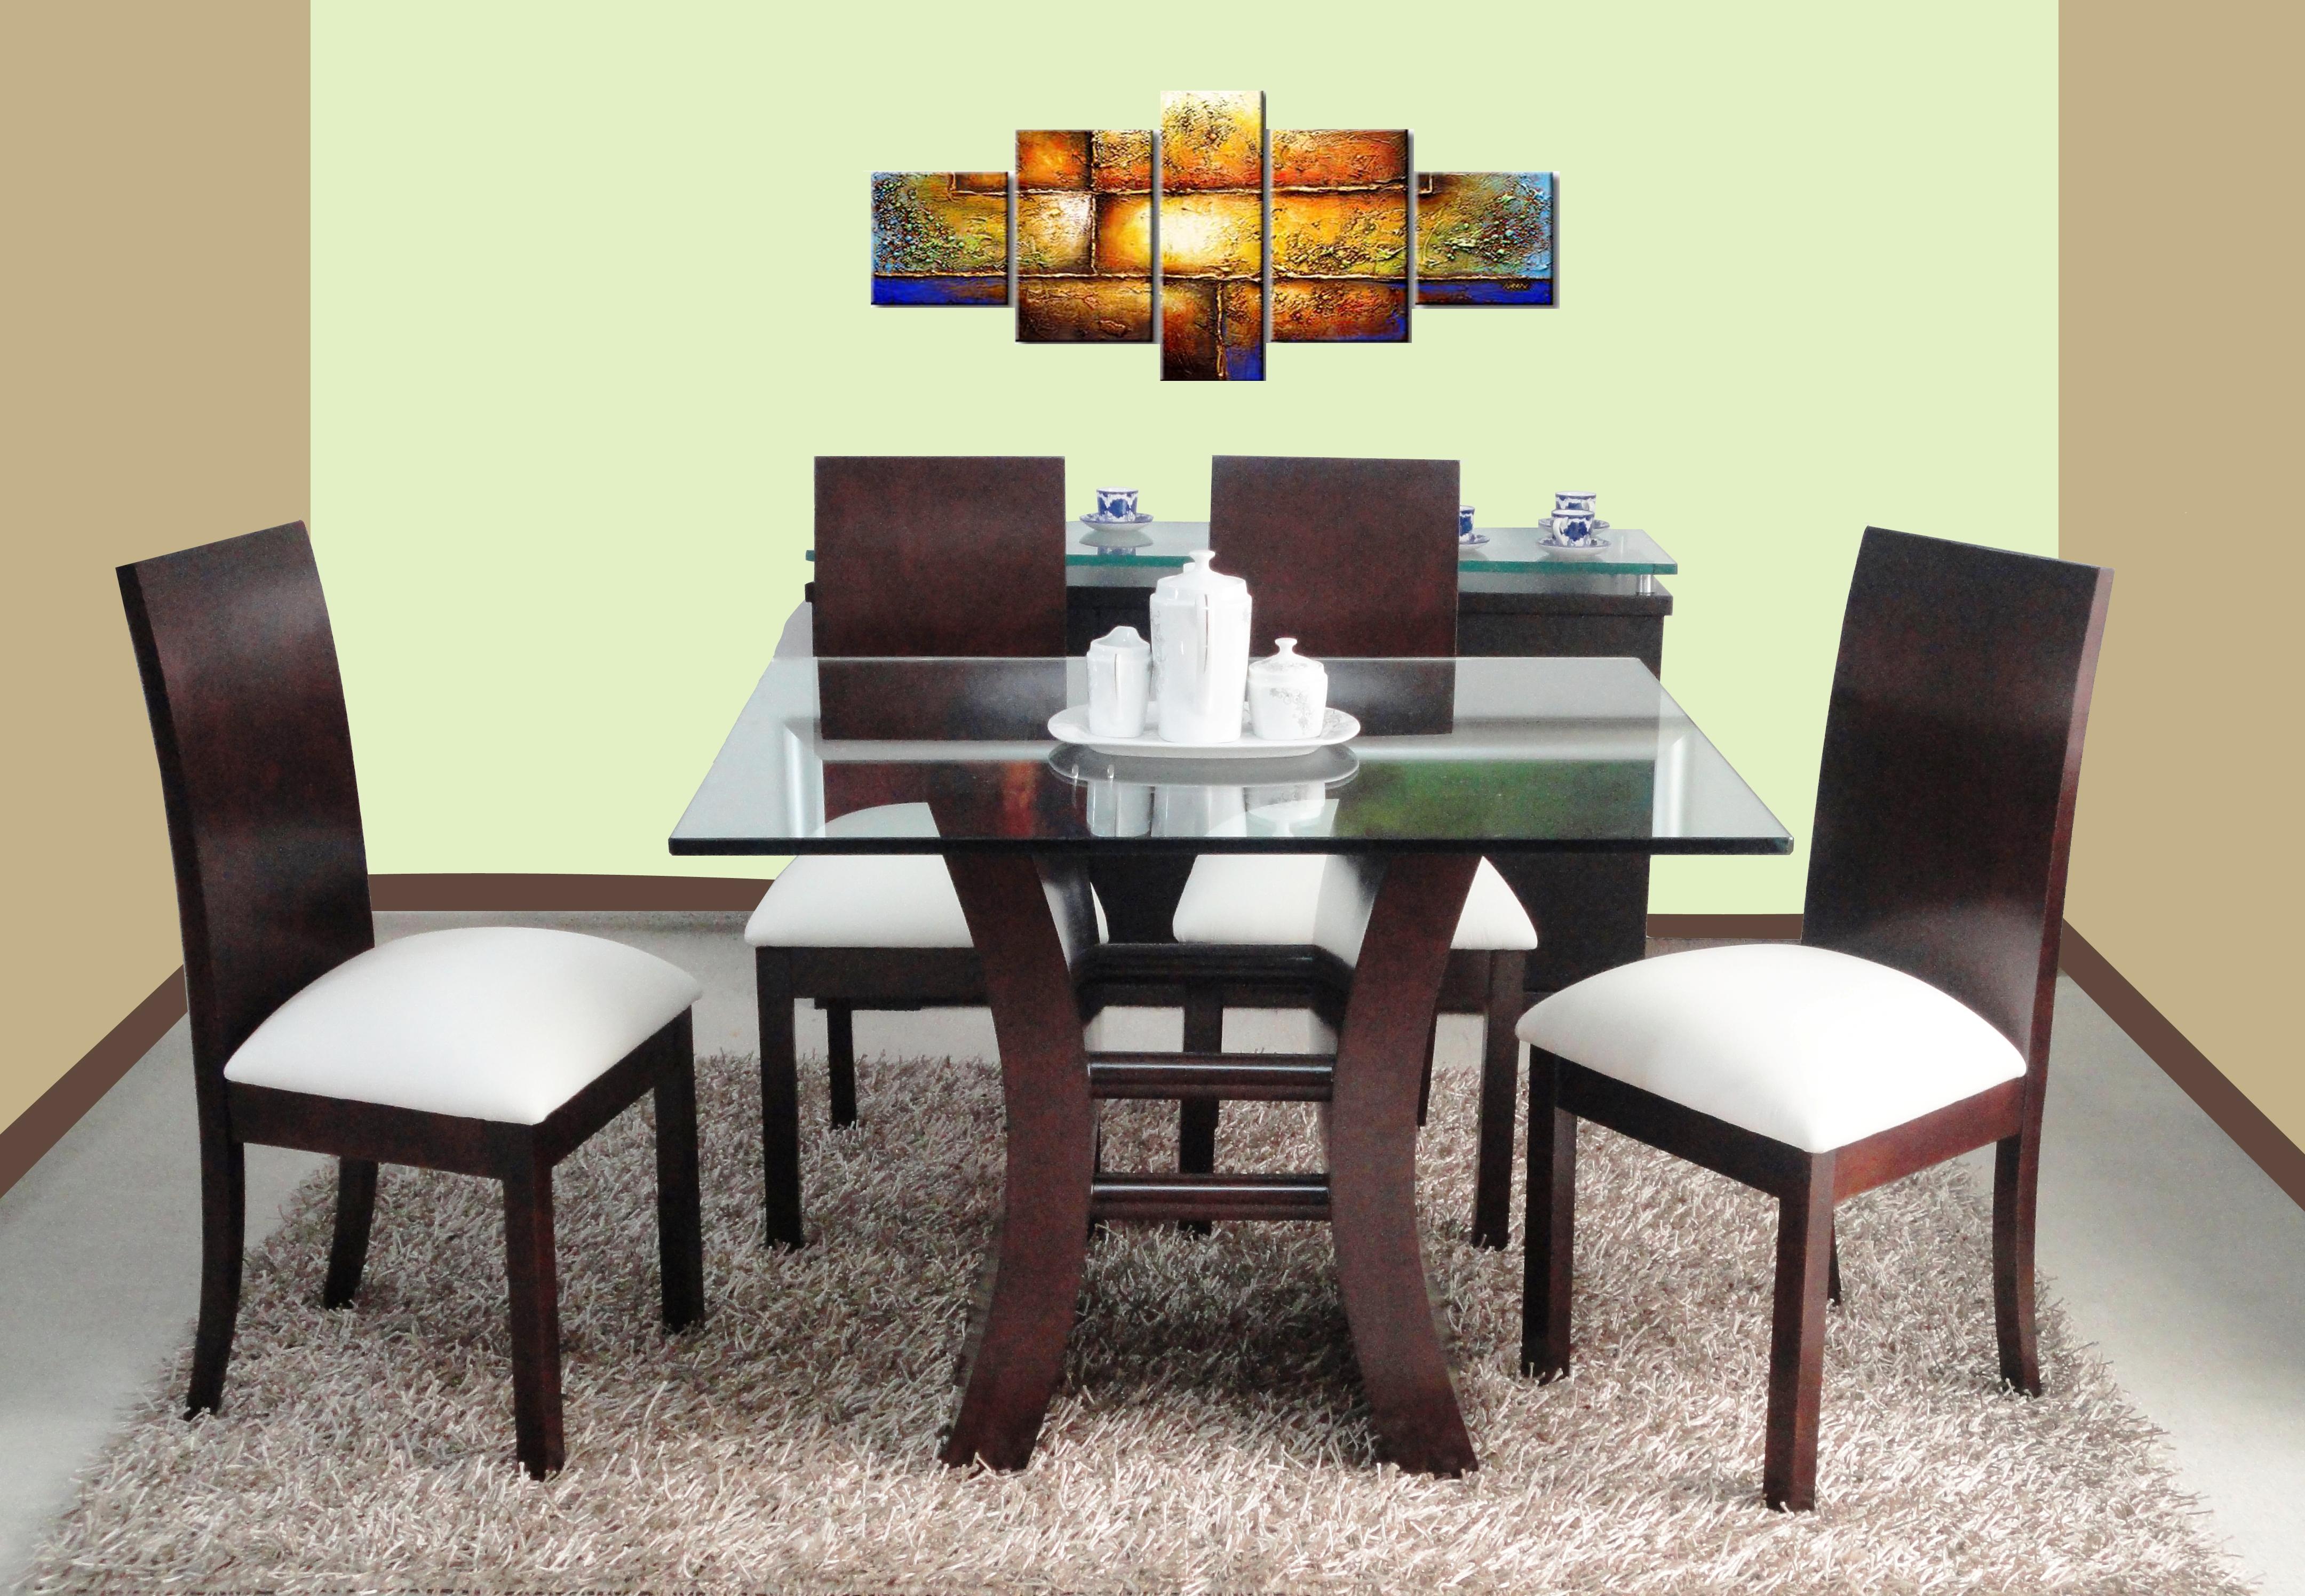 Desarmado y armado de muebles de maestro promartelektra for Muebles modernos para comedores pequenos